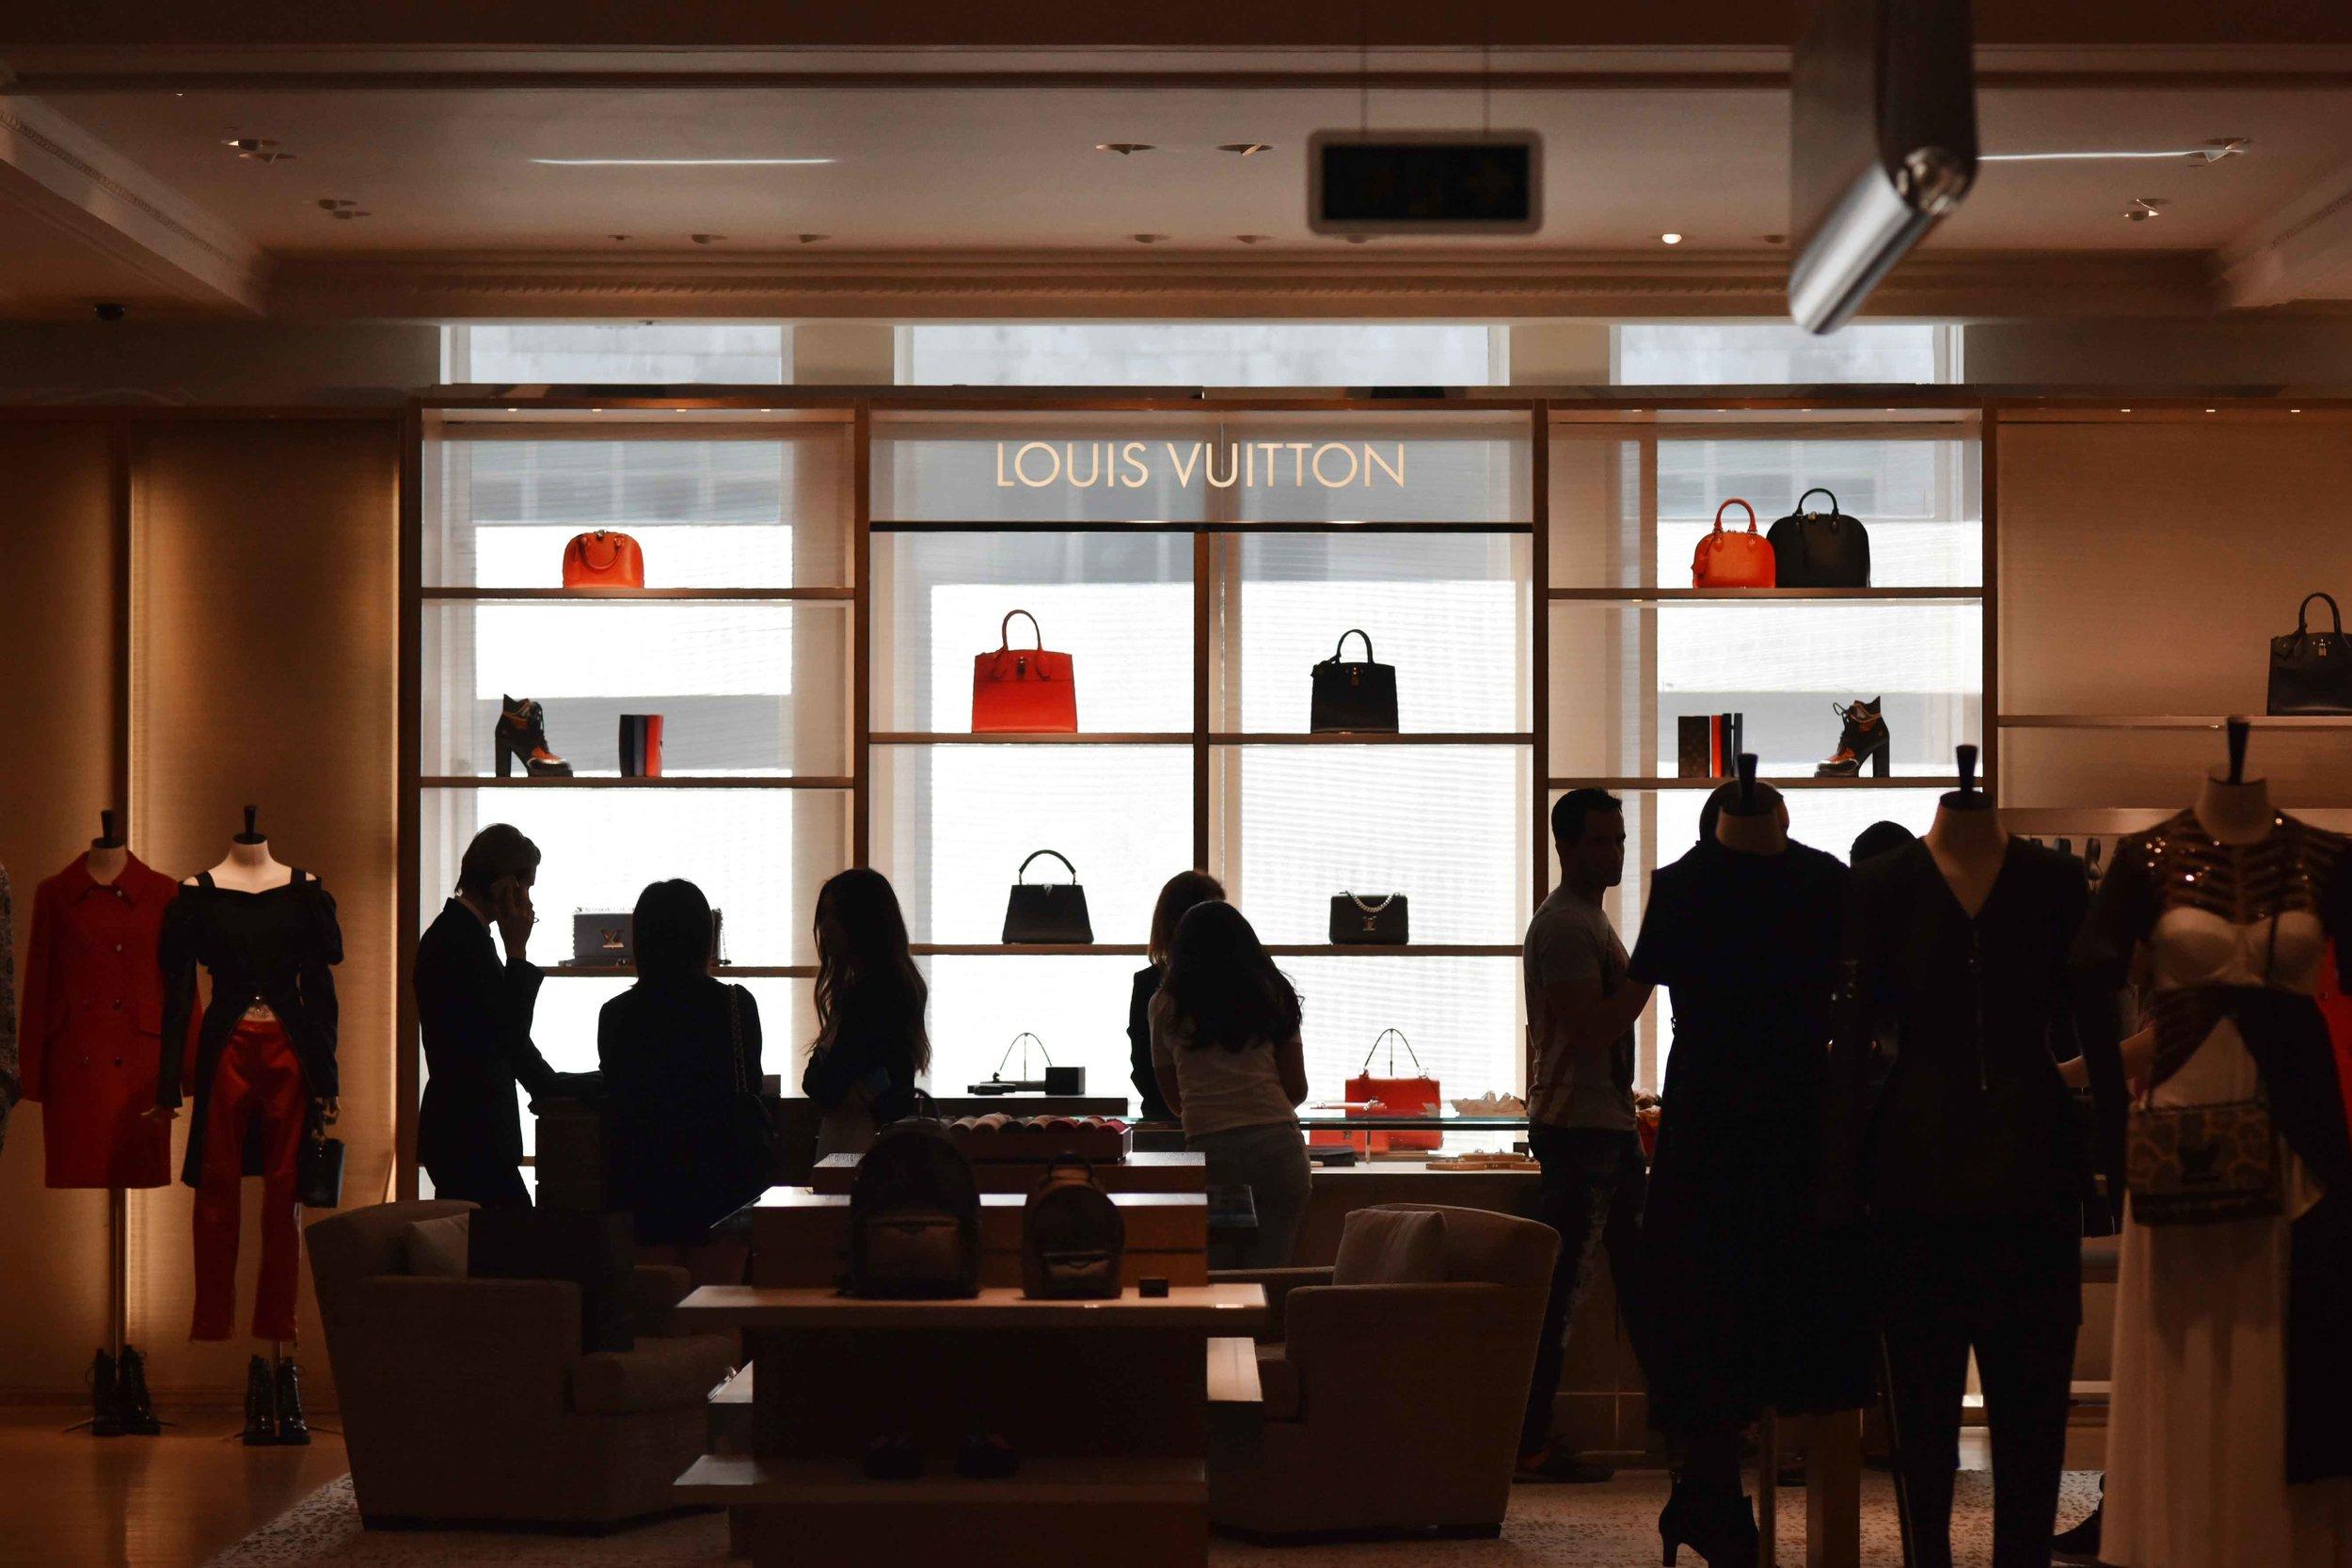 Louis Vuitton, Selfridges, London, U.K. Image©sourcingstyle.com